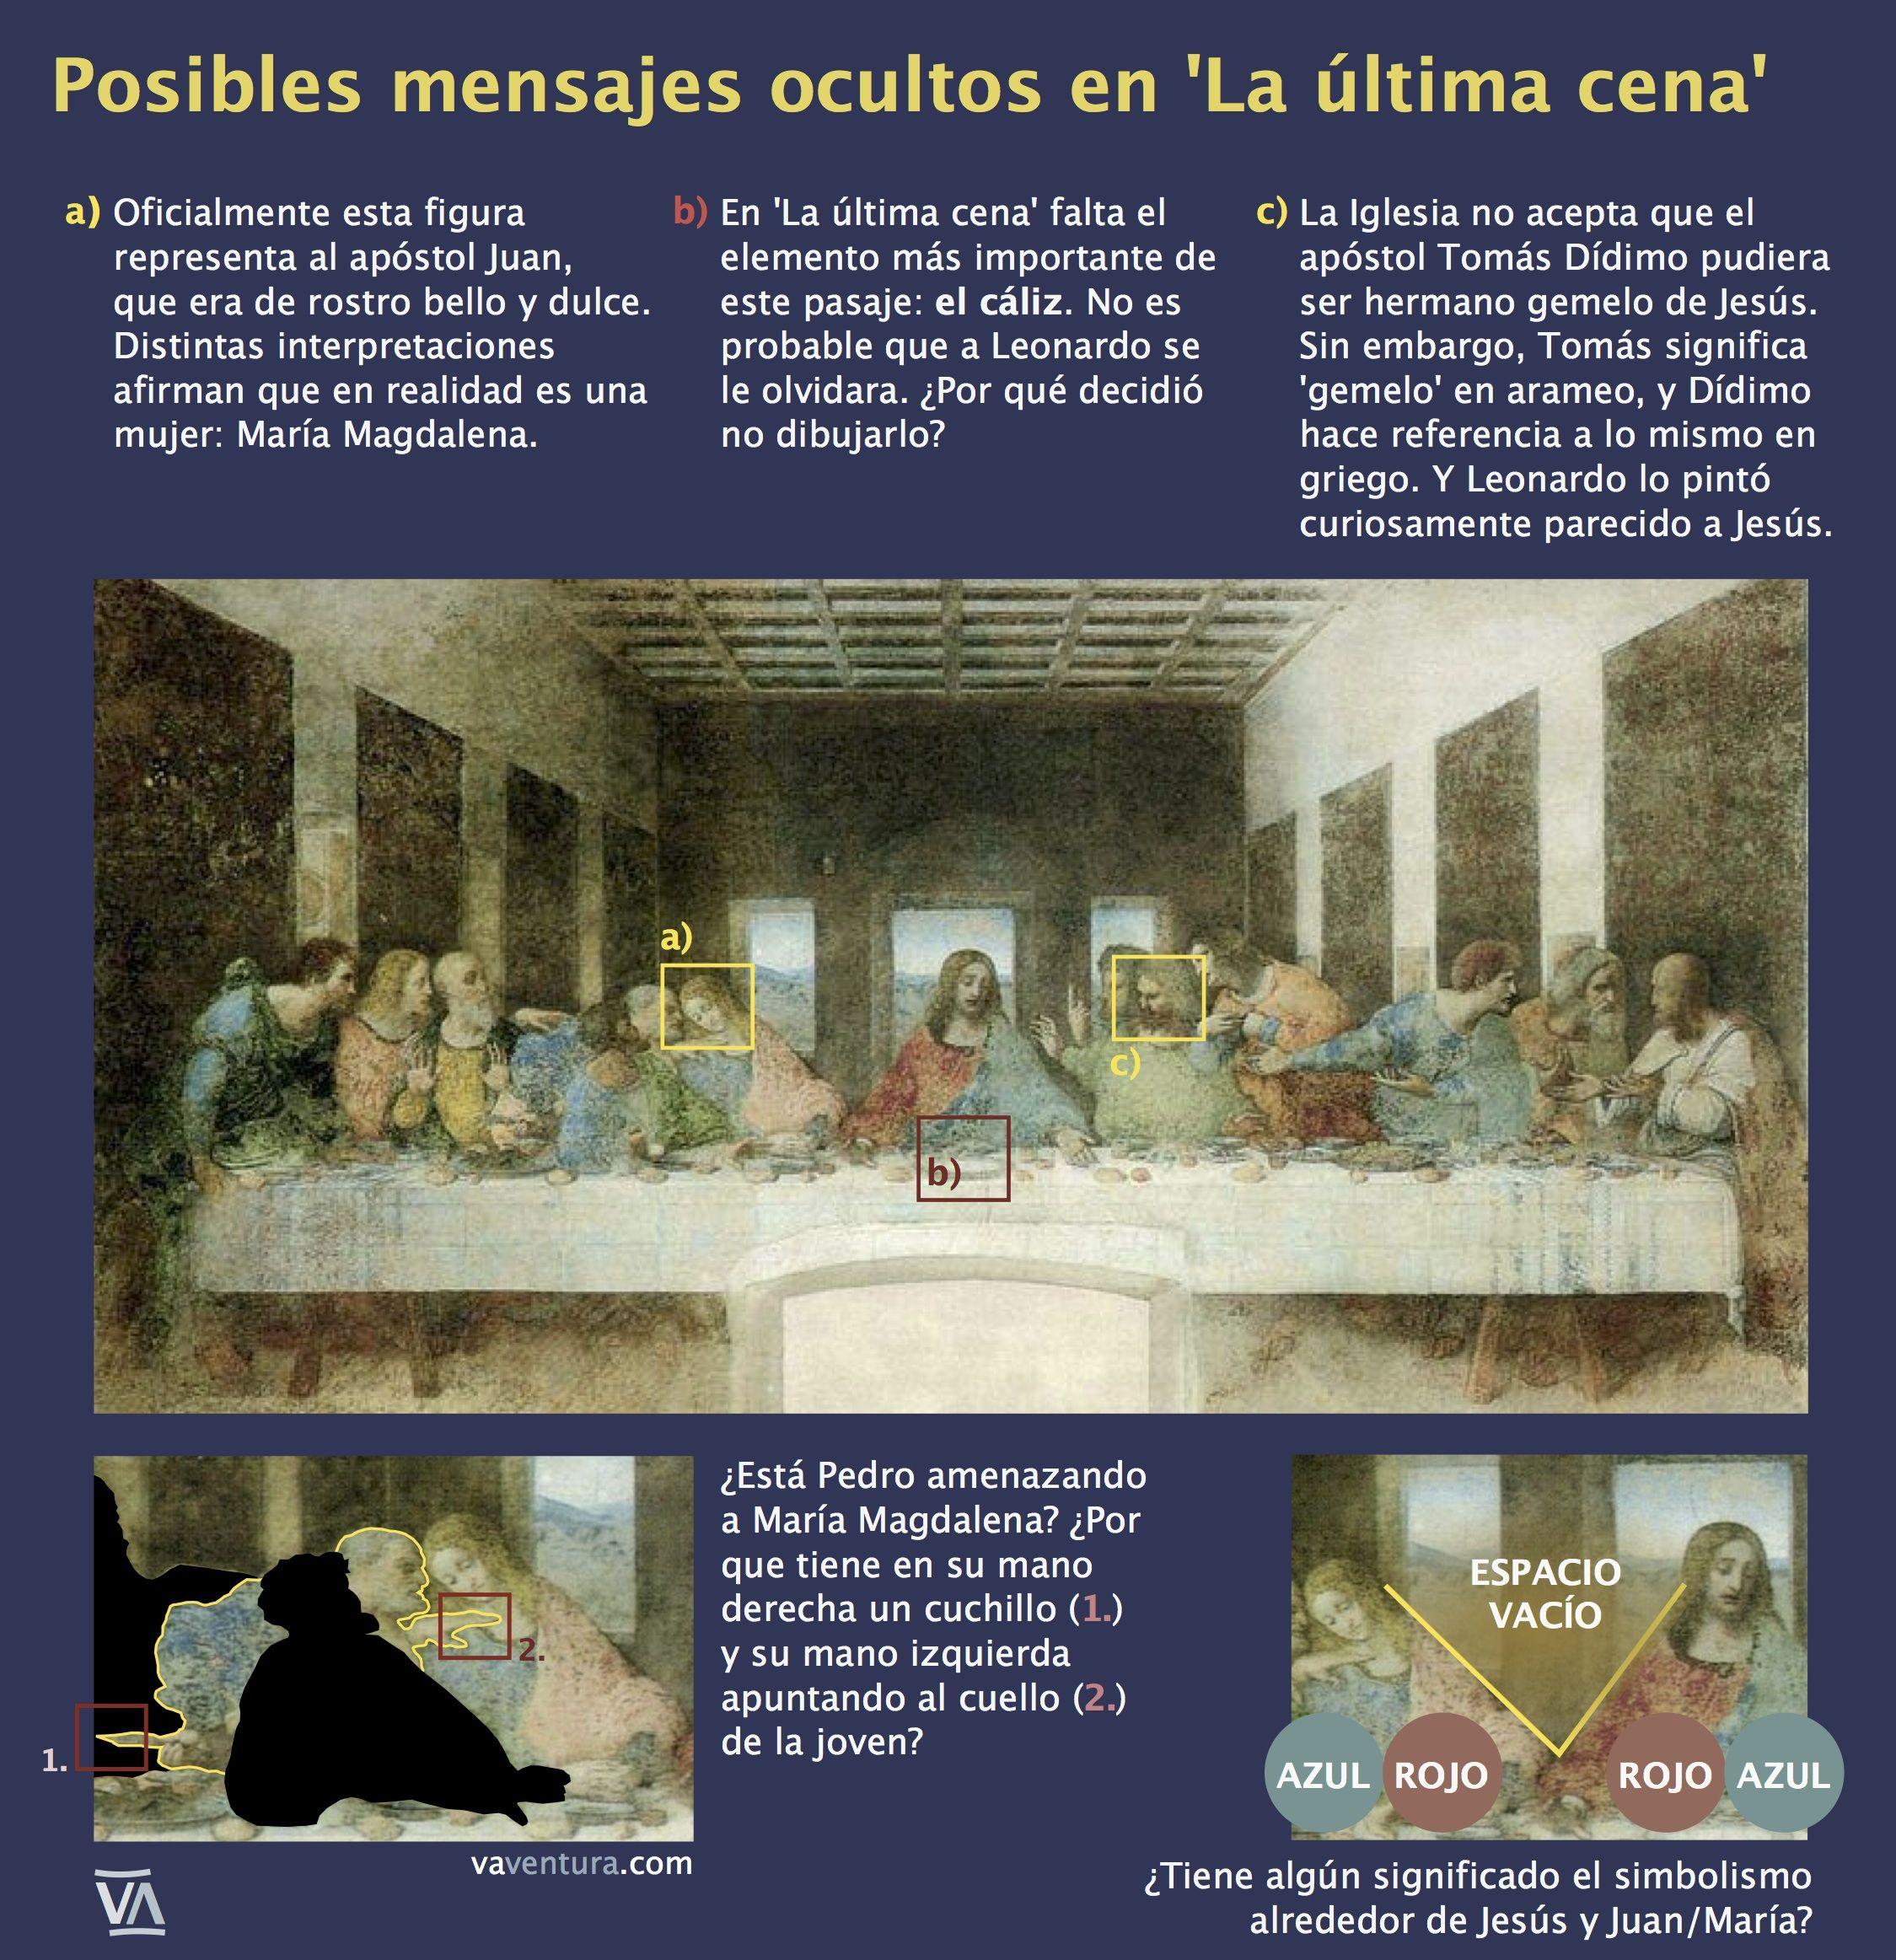 Quien Pinto El Cuadro Original De La Ultima Cena